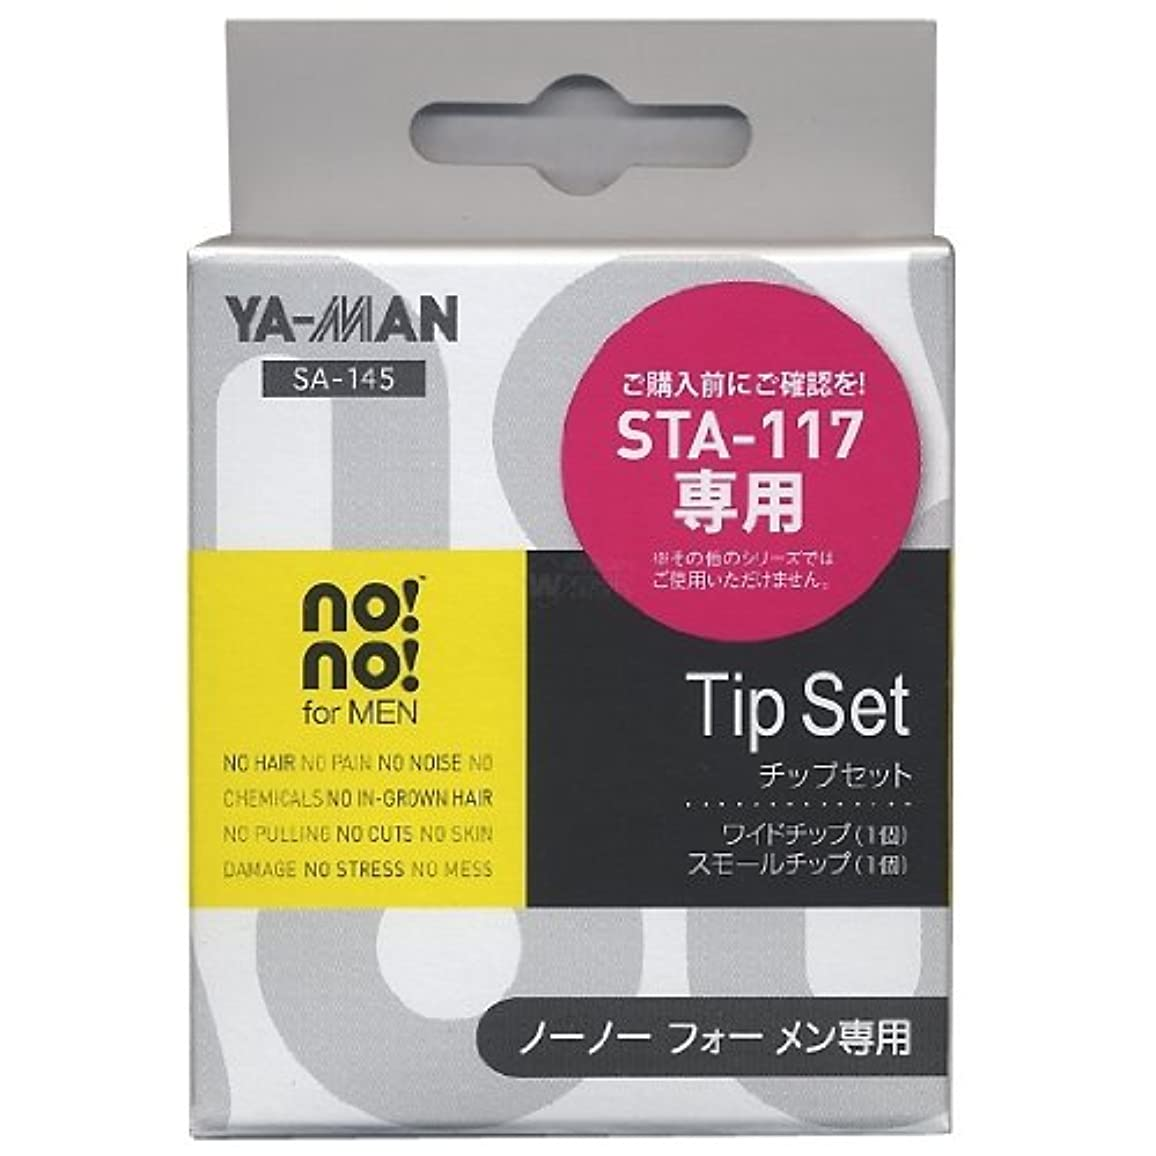 石アーサー衣服ヤーマン ノーノーフォーメン 専用 ブレードチップセット ワイド×1 スモール×1 SA-145